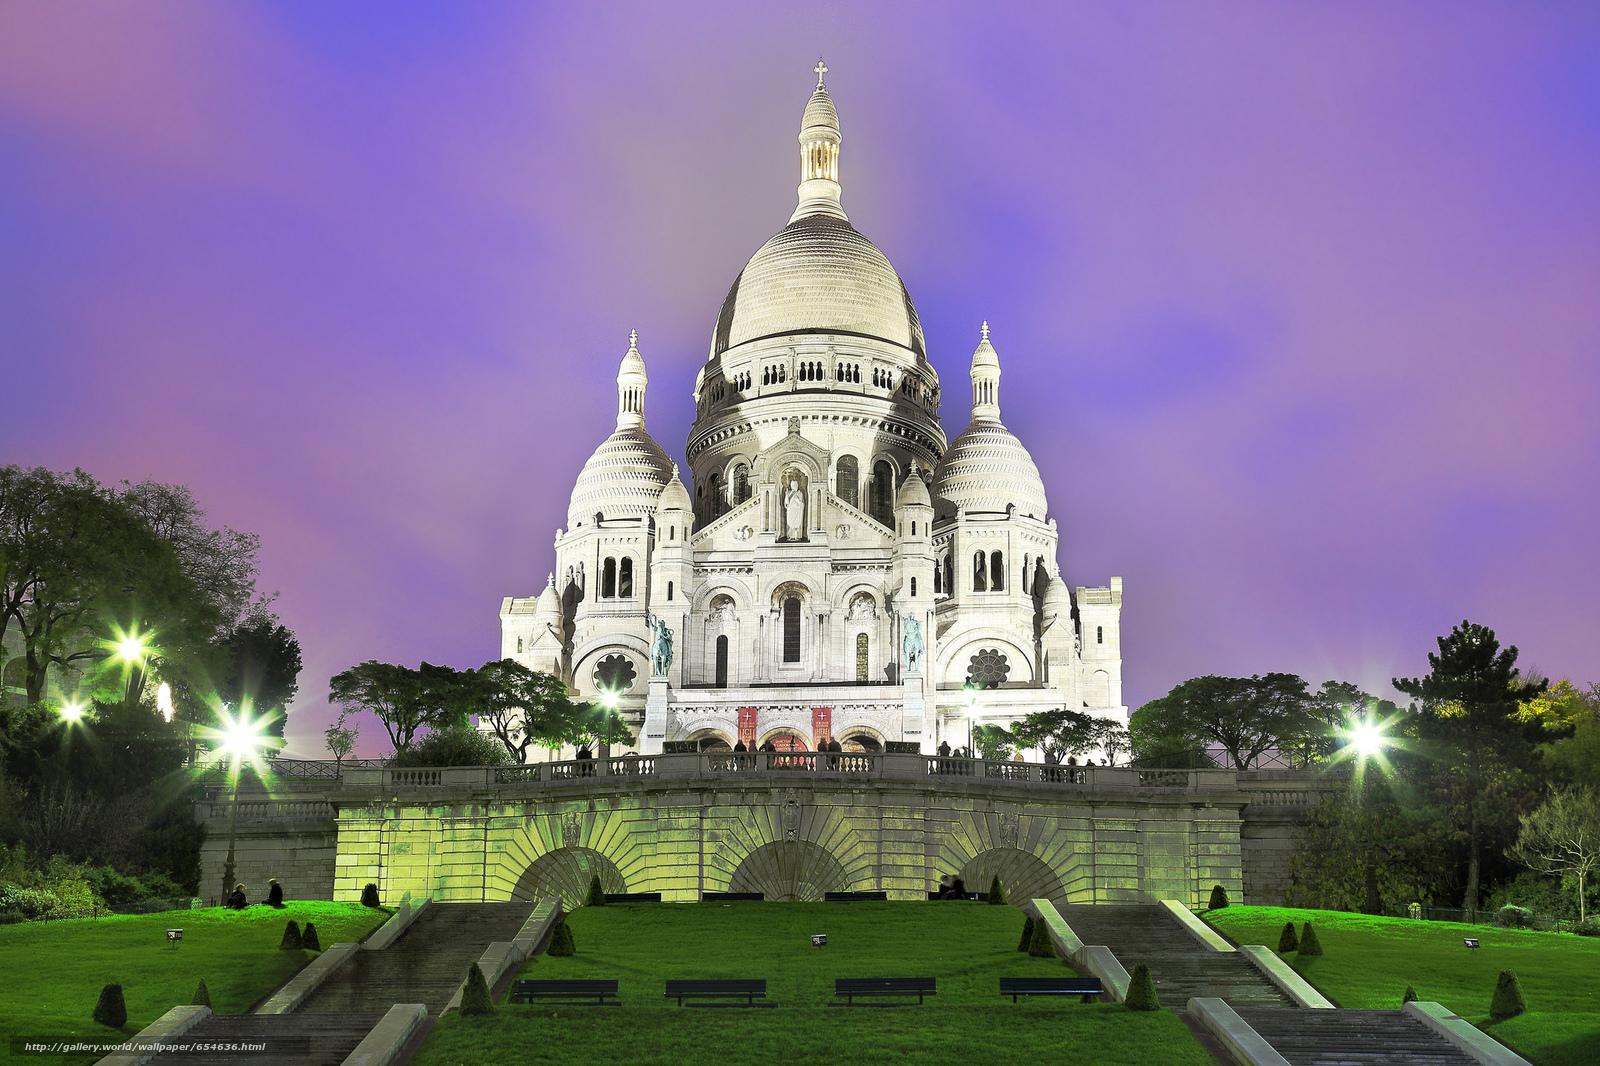 Скачать обои Paris,  France,  Париж,  Франция бесплатно для рабочего стола в разрешении 2048x1365 — картинка №654636